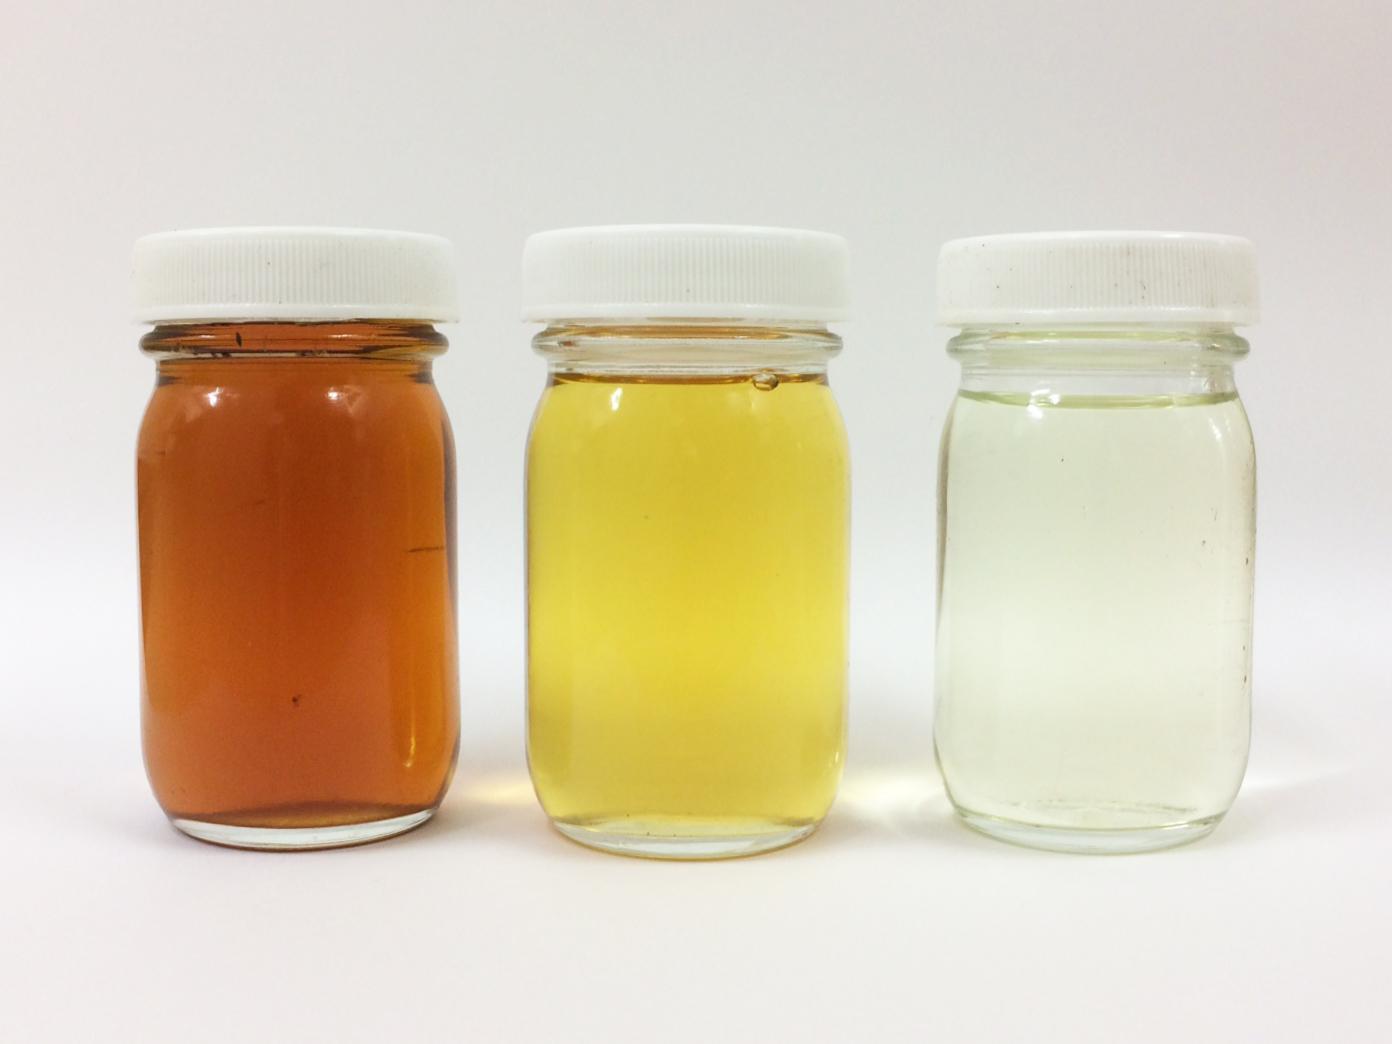 左から原料廃食用油 精製前燃料 精製後燃料